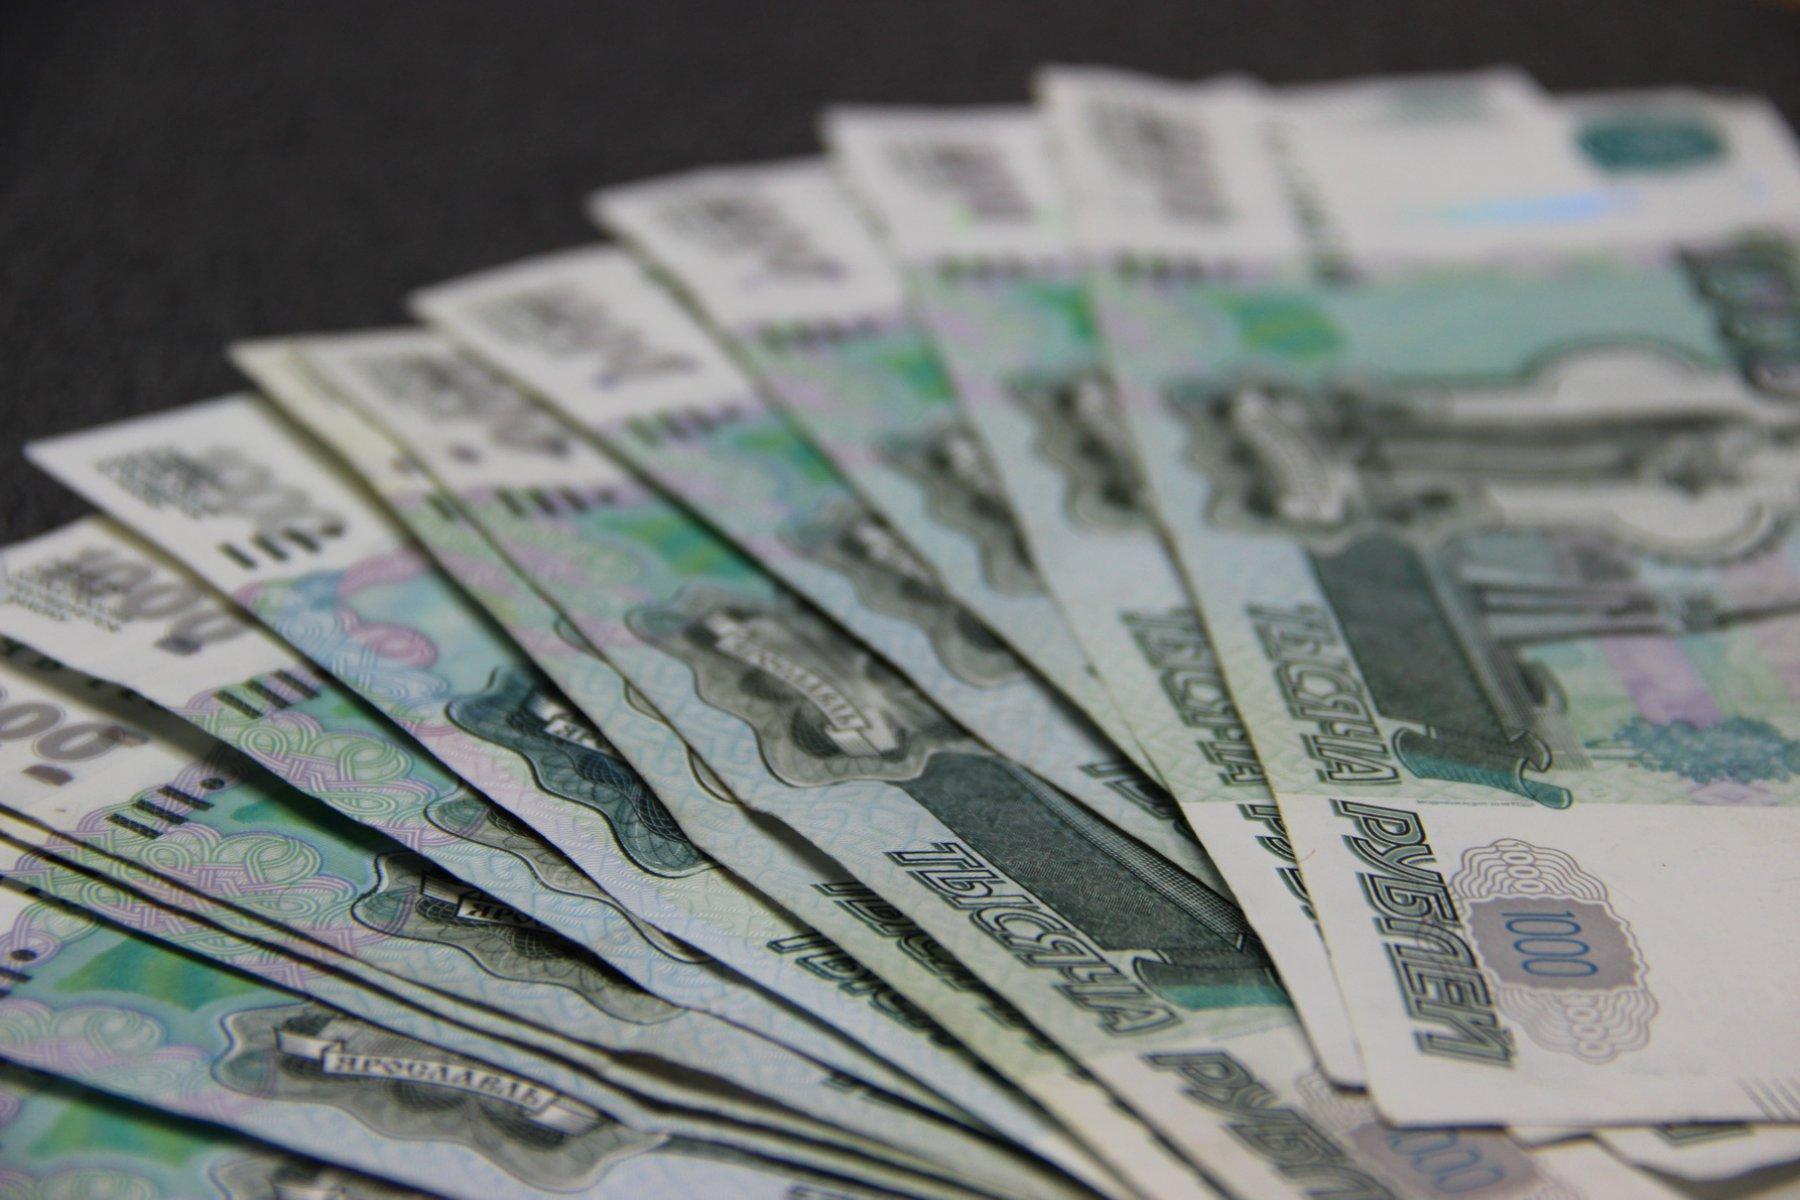 Проверка сантехники обошлась жительнице Марий Элв57 тыс. руб.